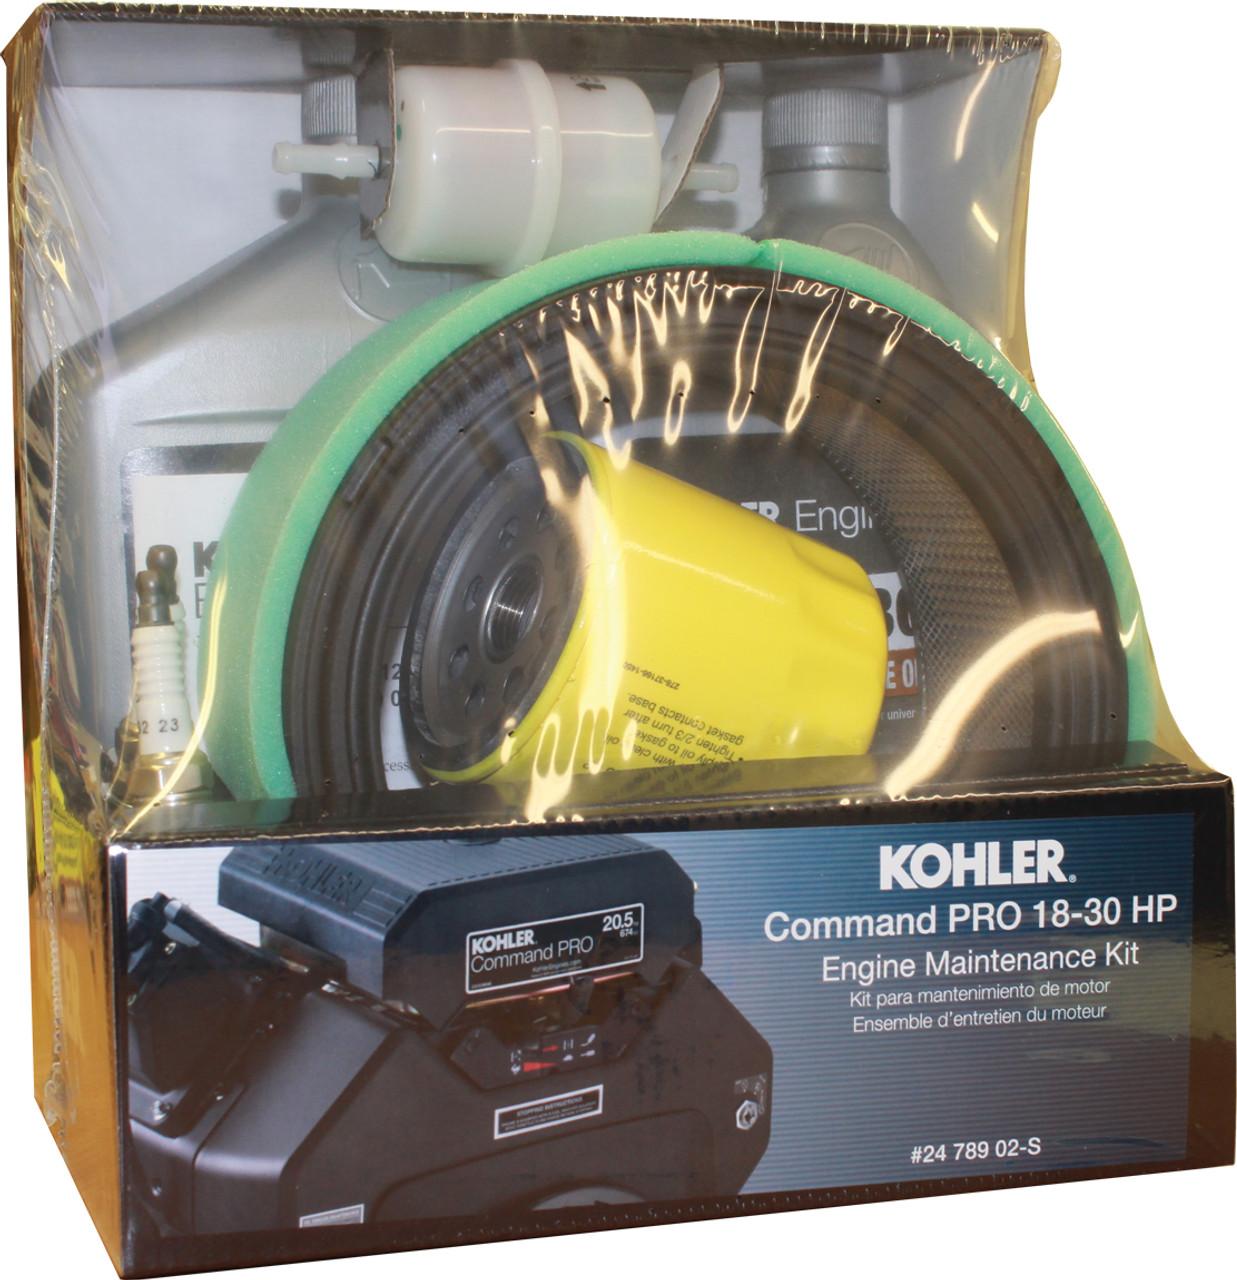 Maintenance Kit for 20hp Kohler Engines